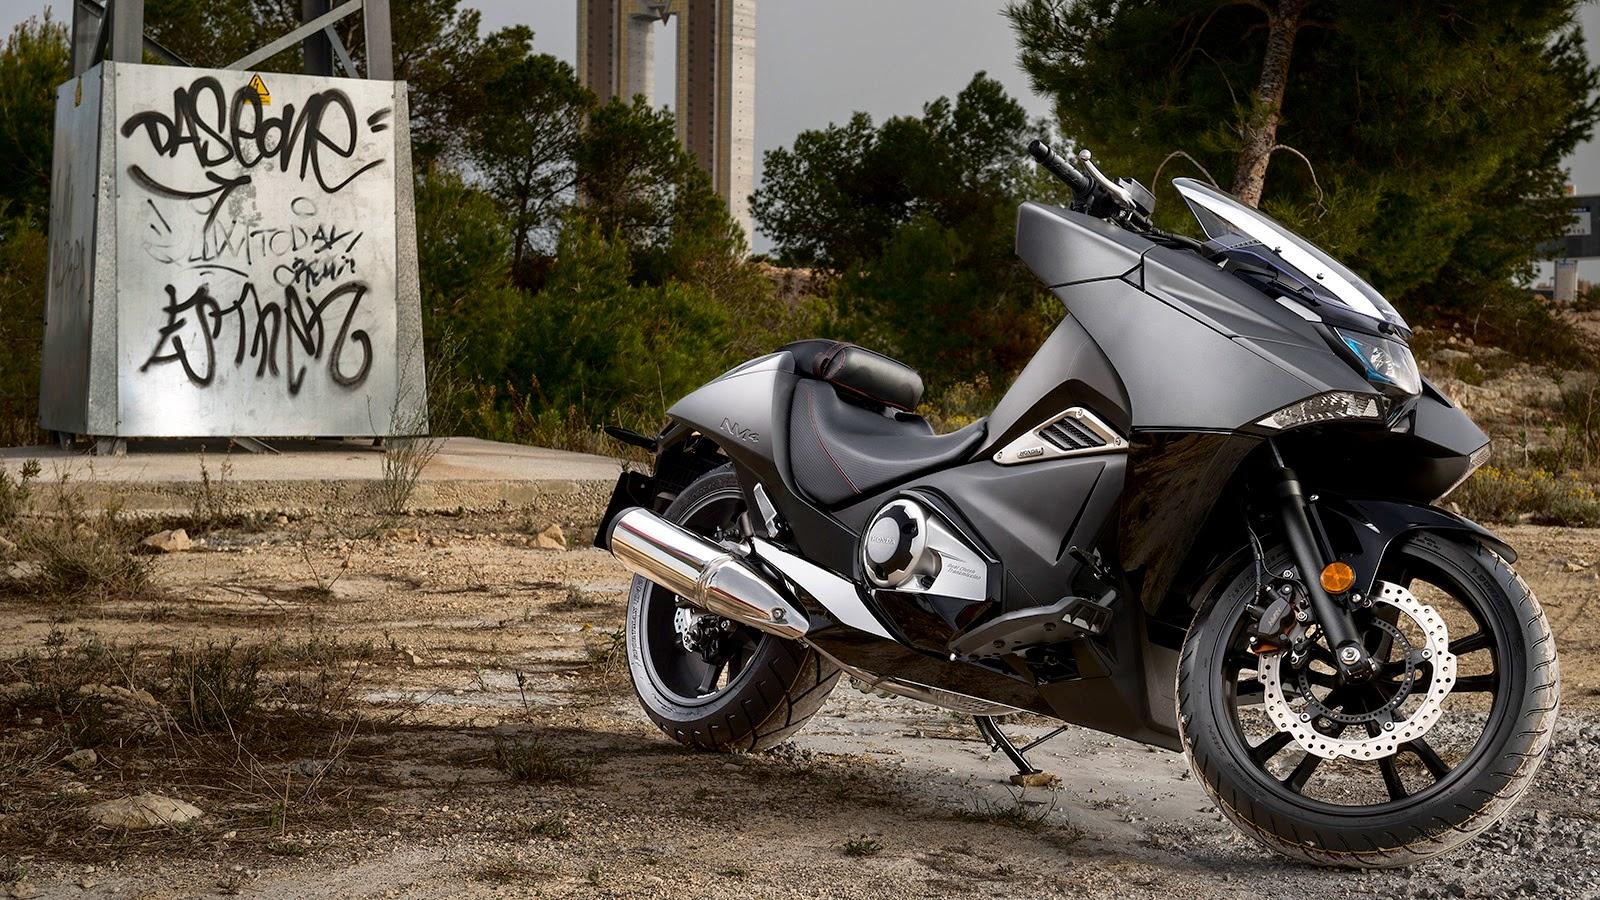 2015 honda nm4 preview for Honda nm4 review